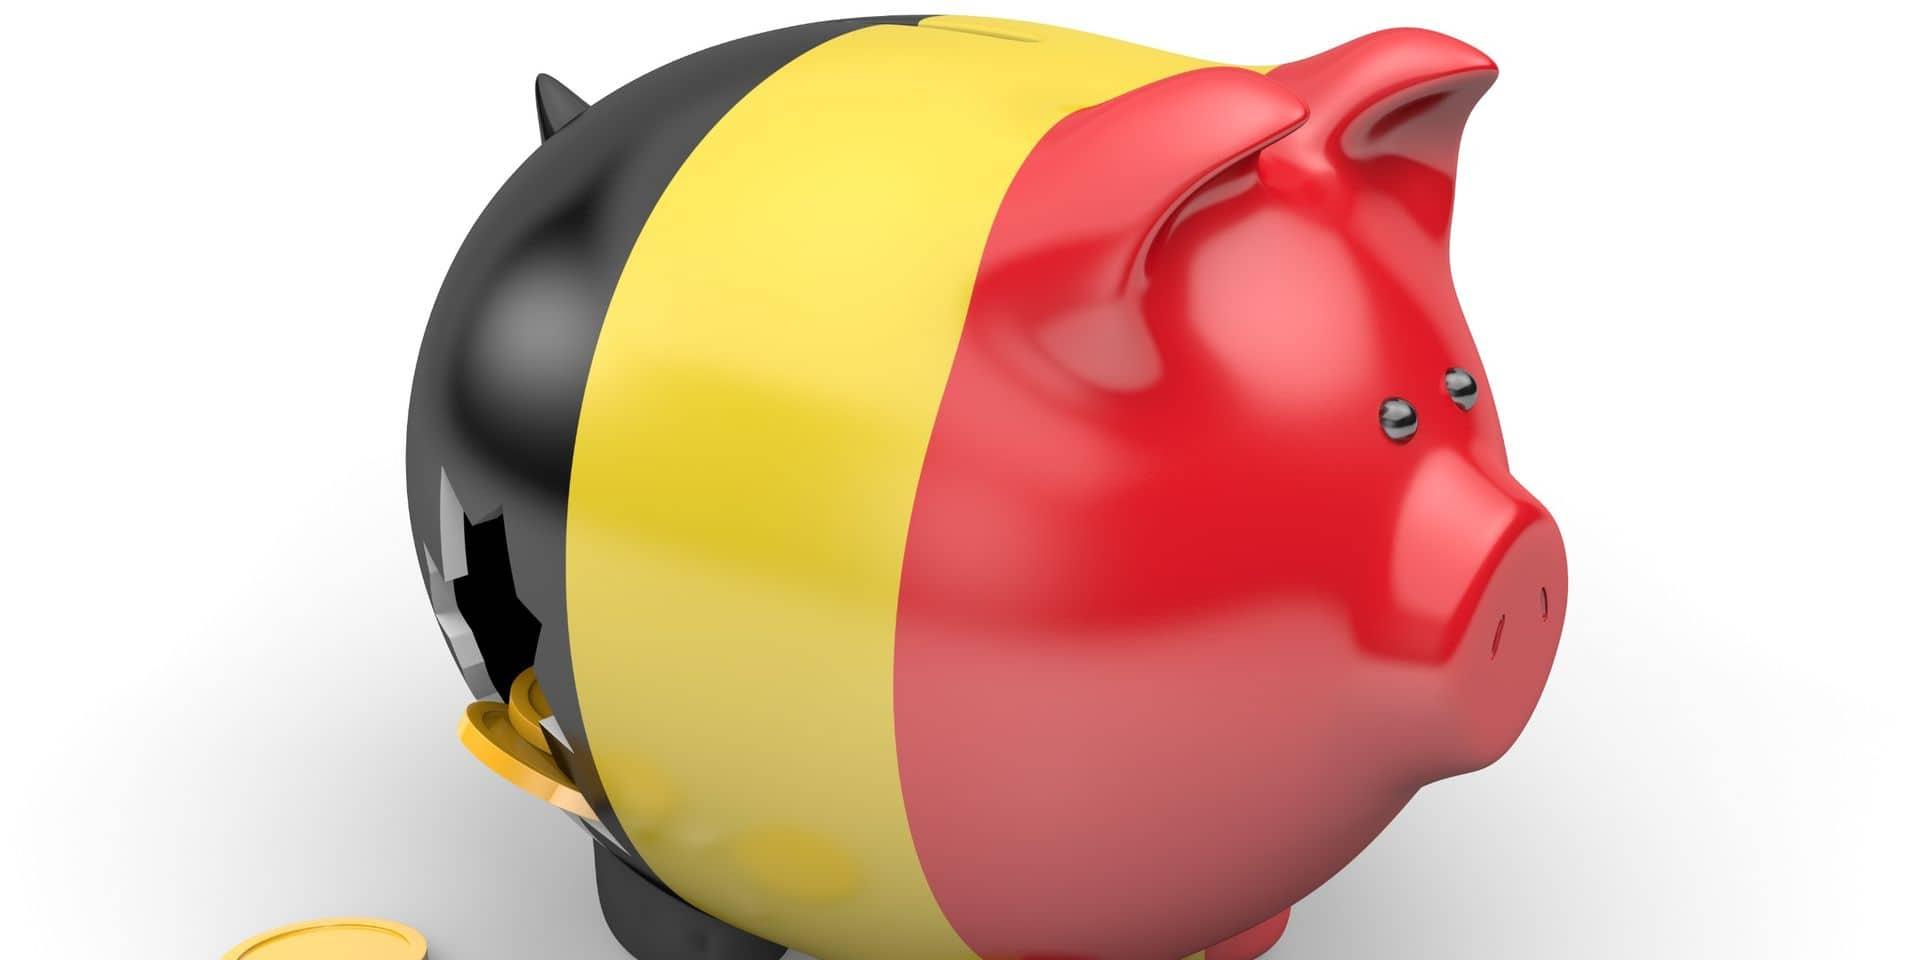 Le plan de relance belge devrait augmenter le PIB de 0,2 % en 2022